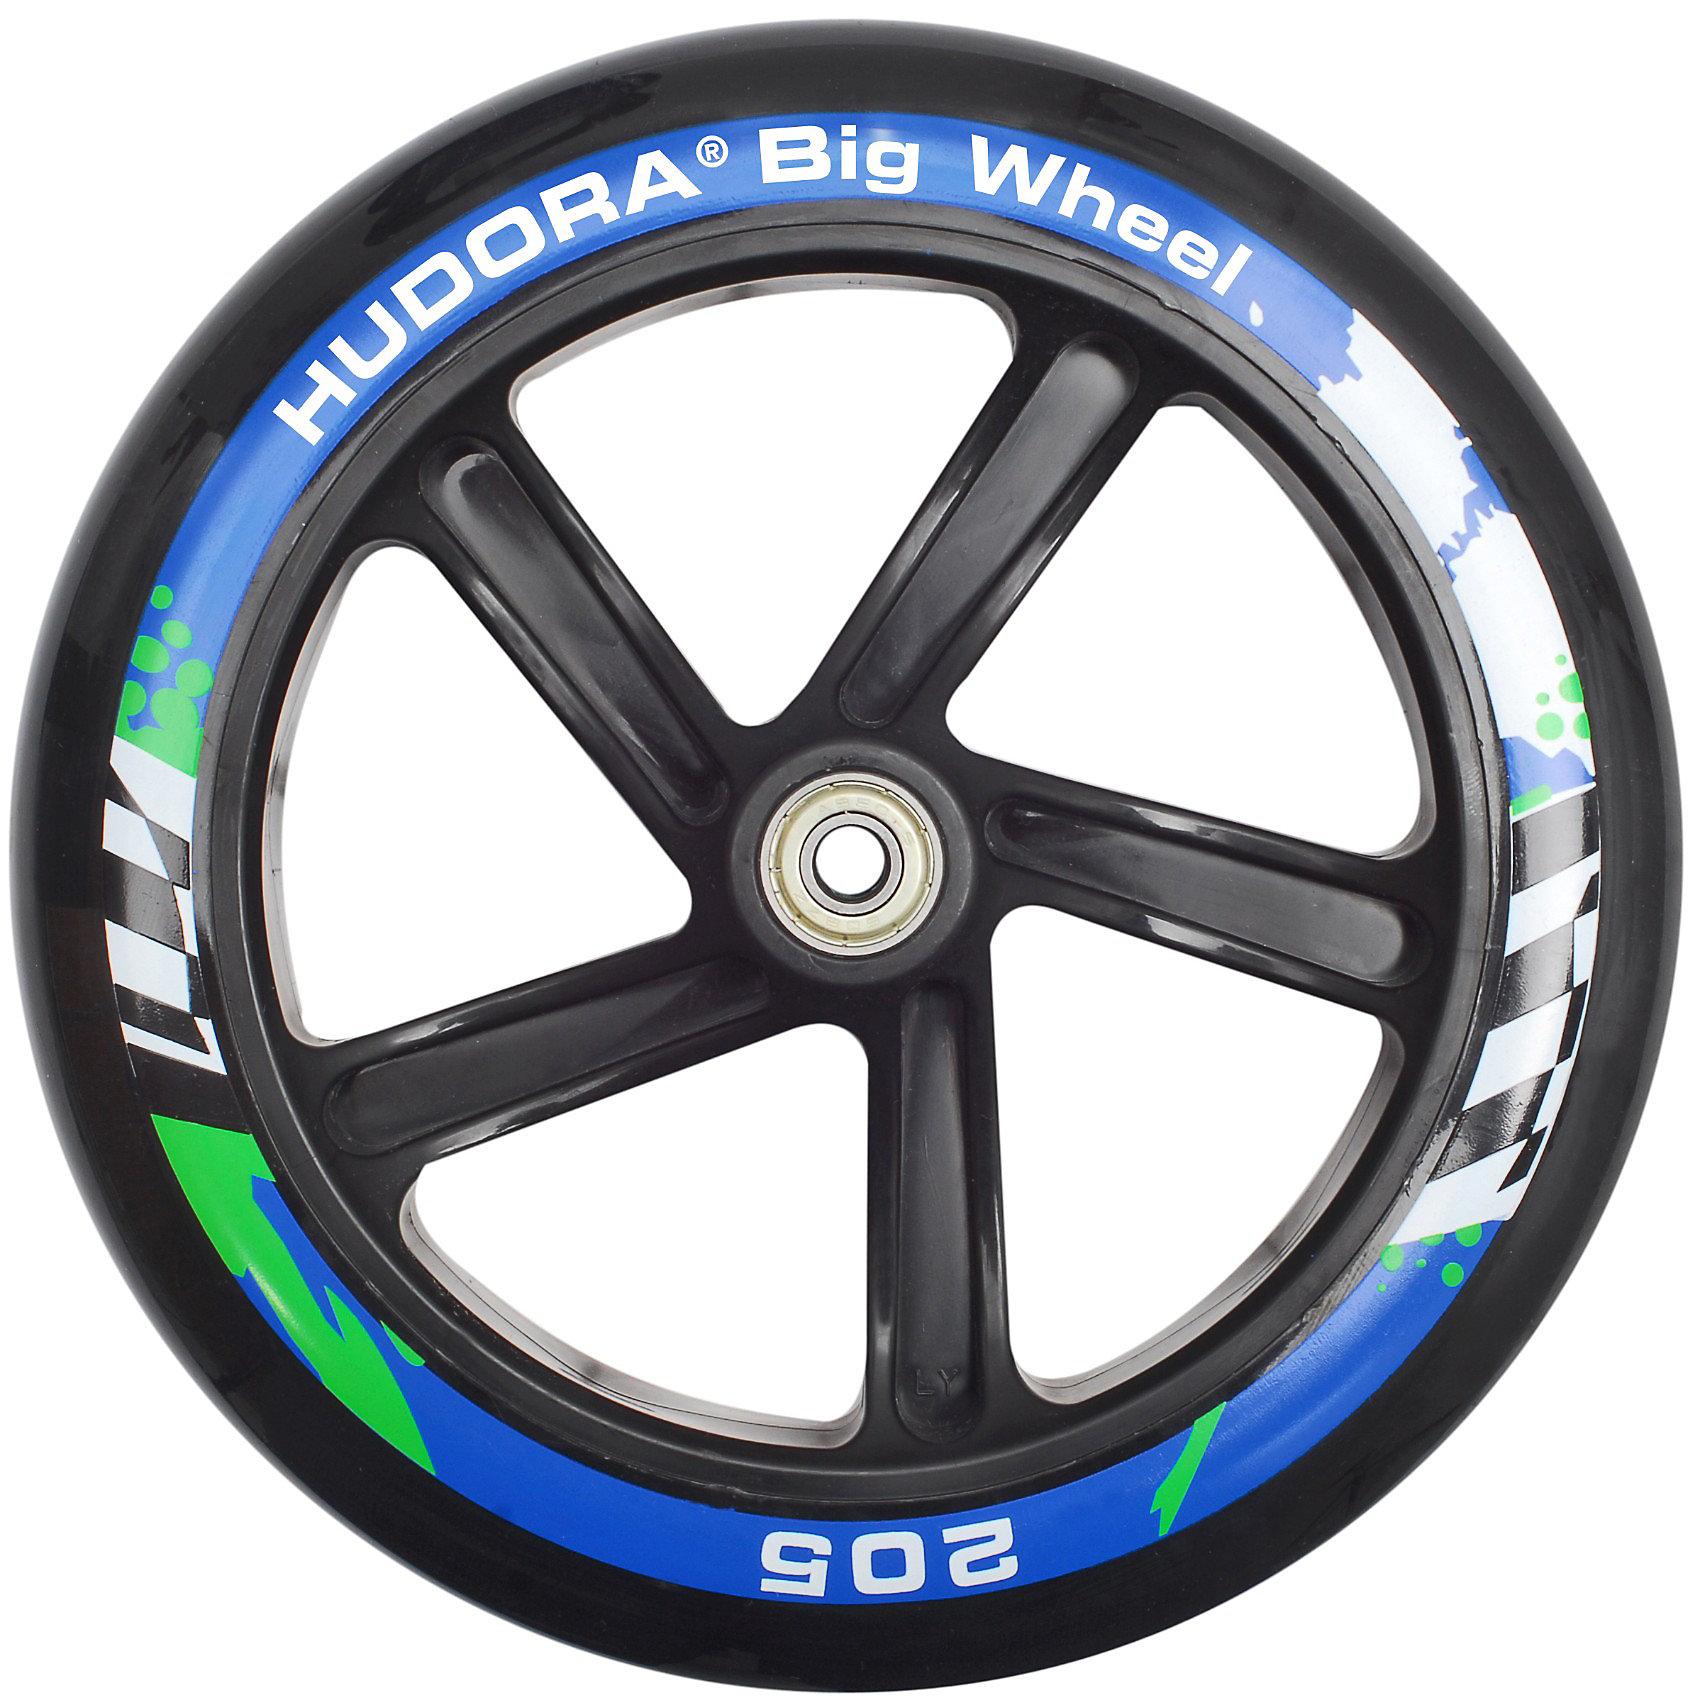 Indexbild 7 - Neu Hudora Scooter Big Wheel 205 mm, pink/schwarz 6071773 pink blau